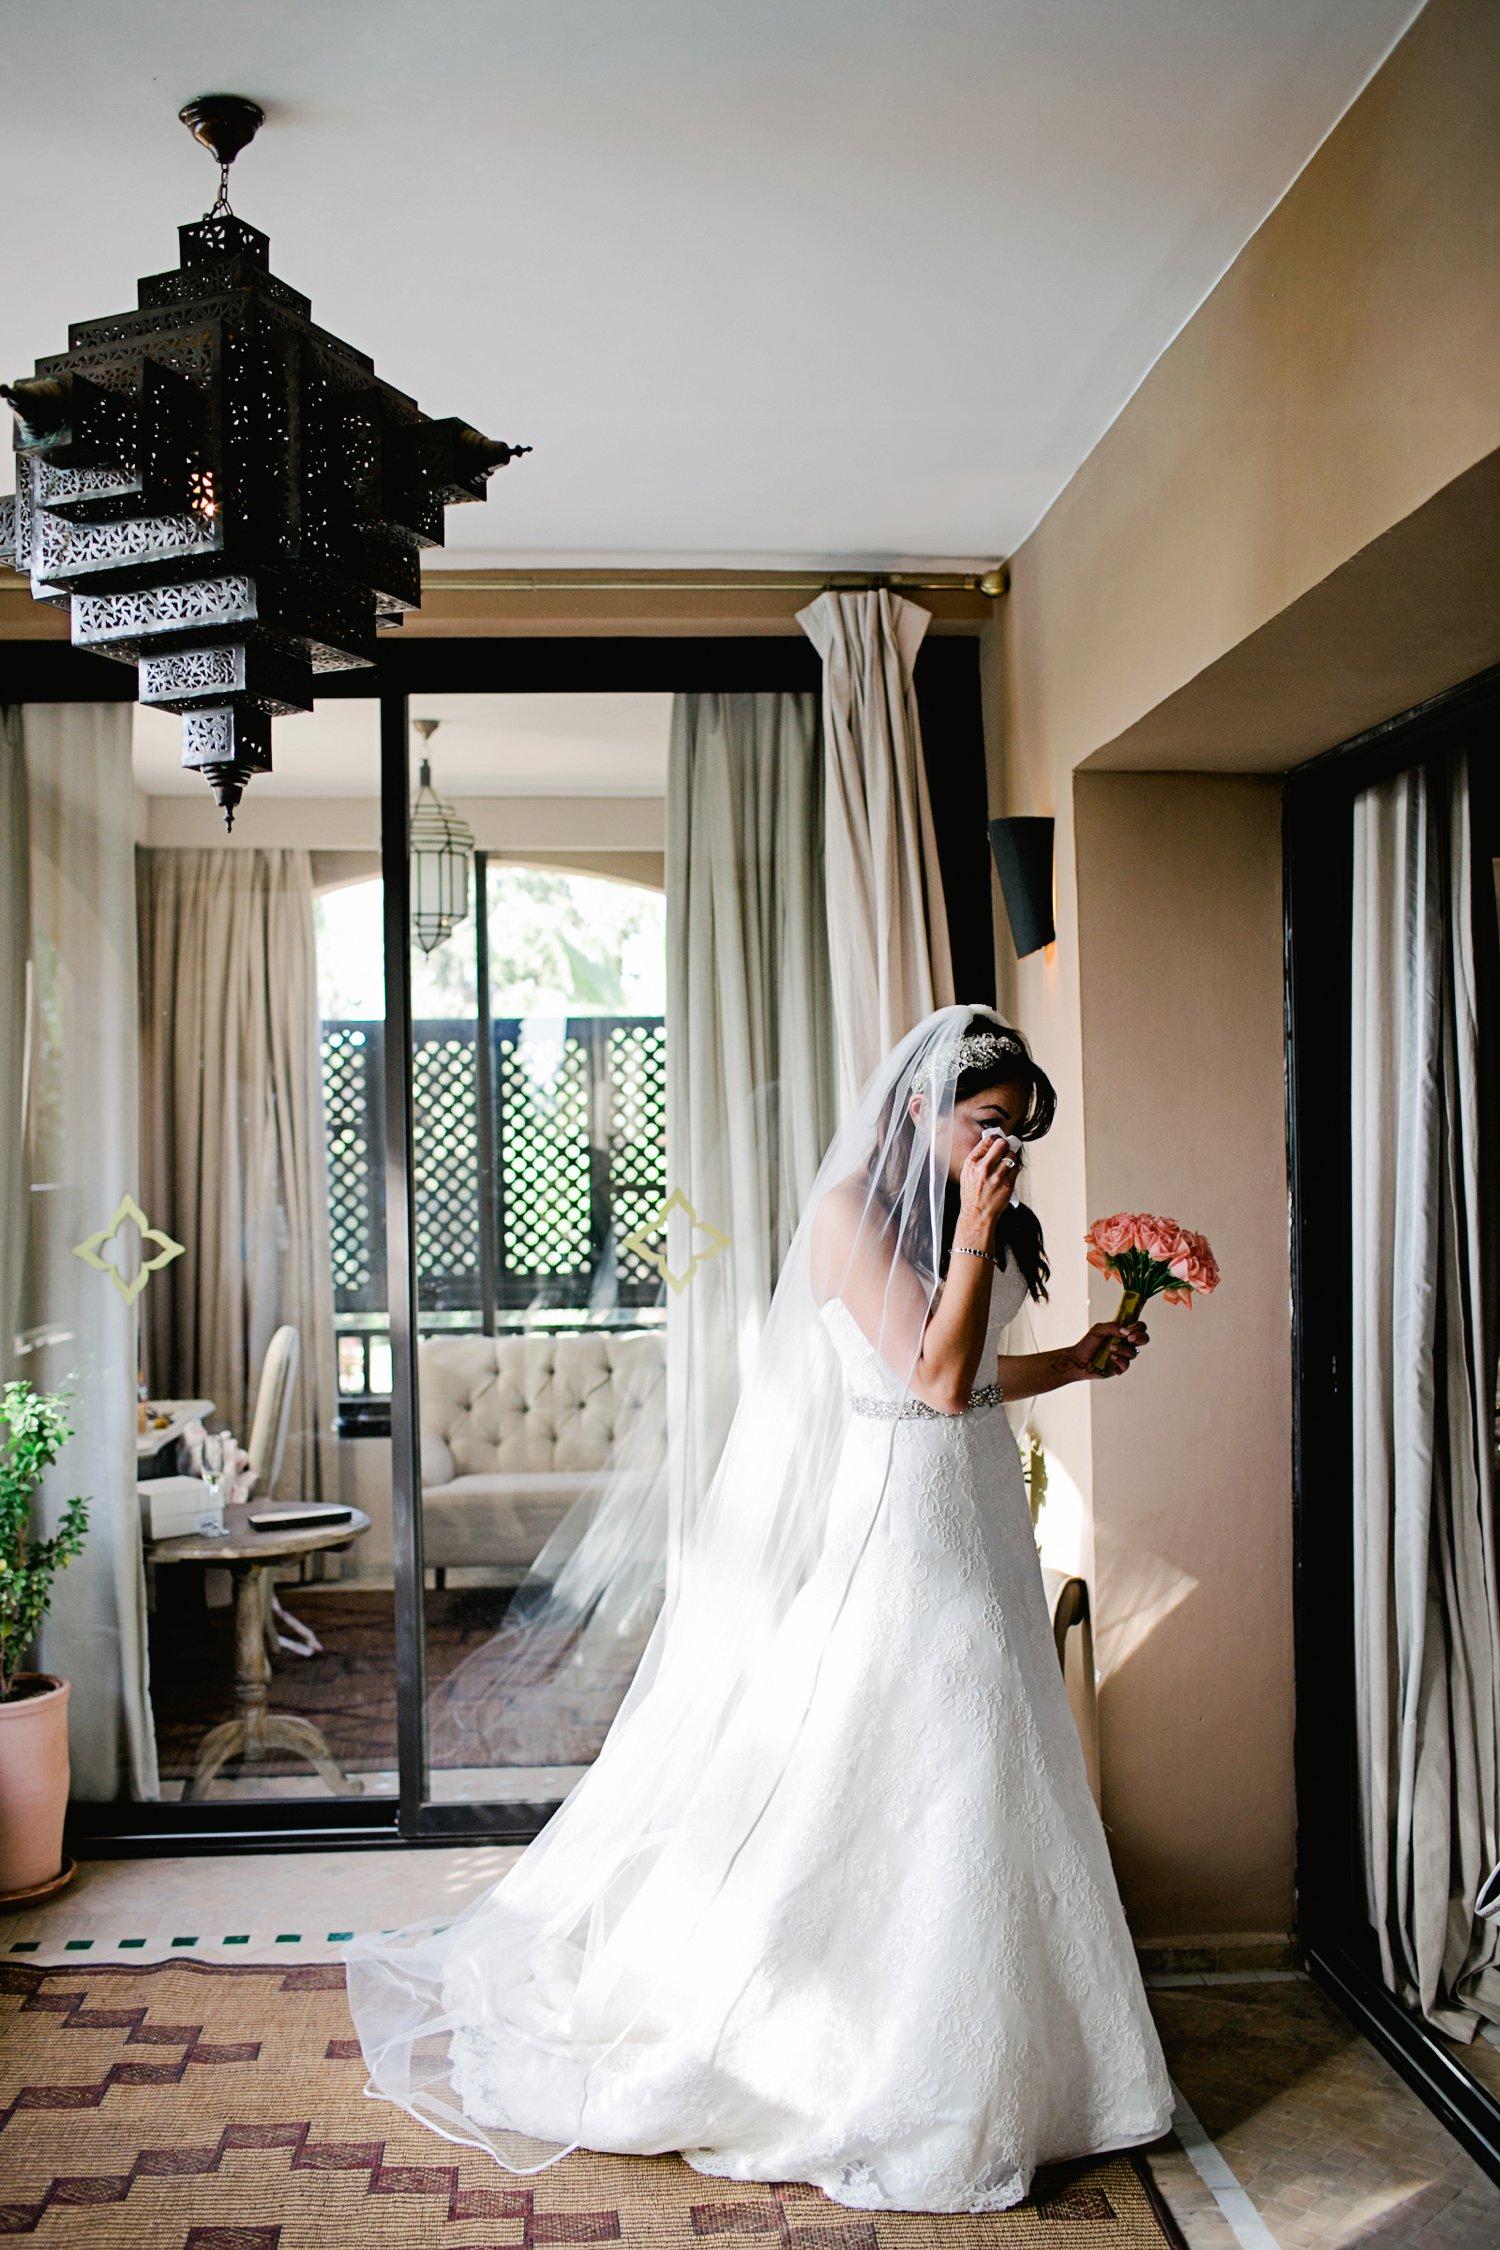 Marrakech_wedding_dress